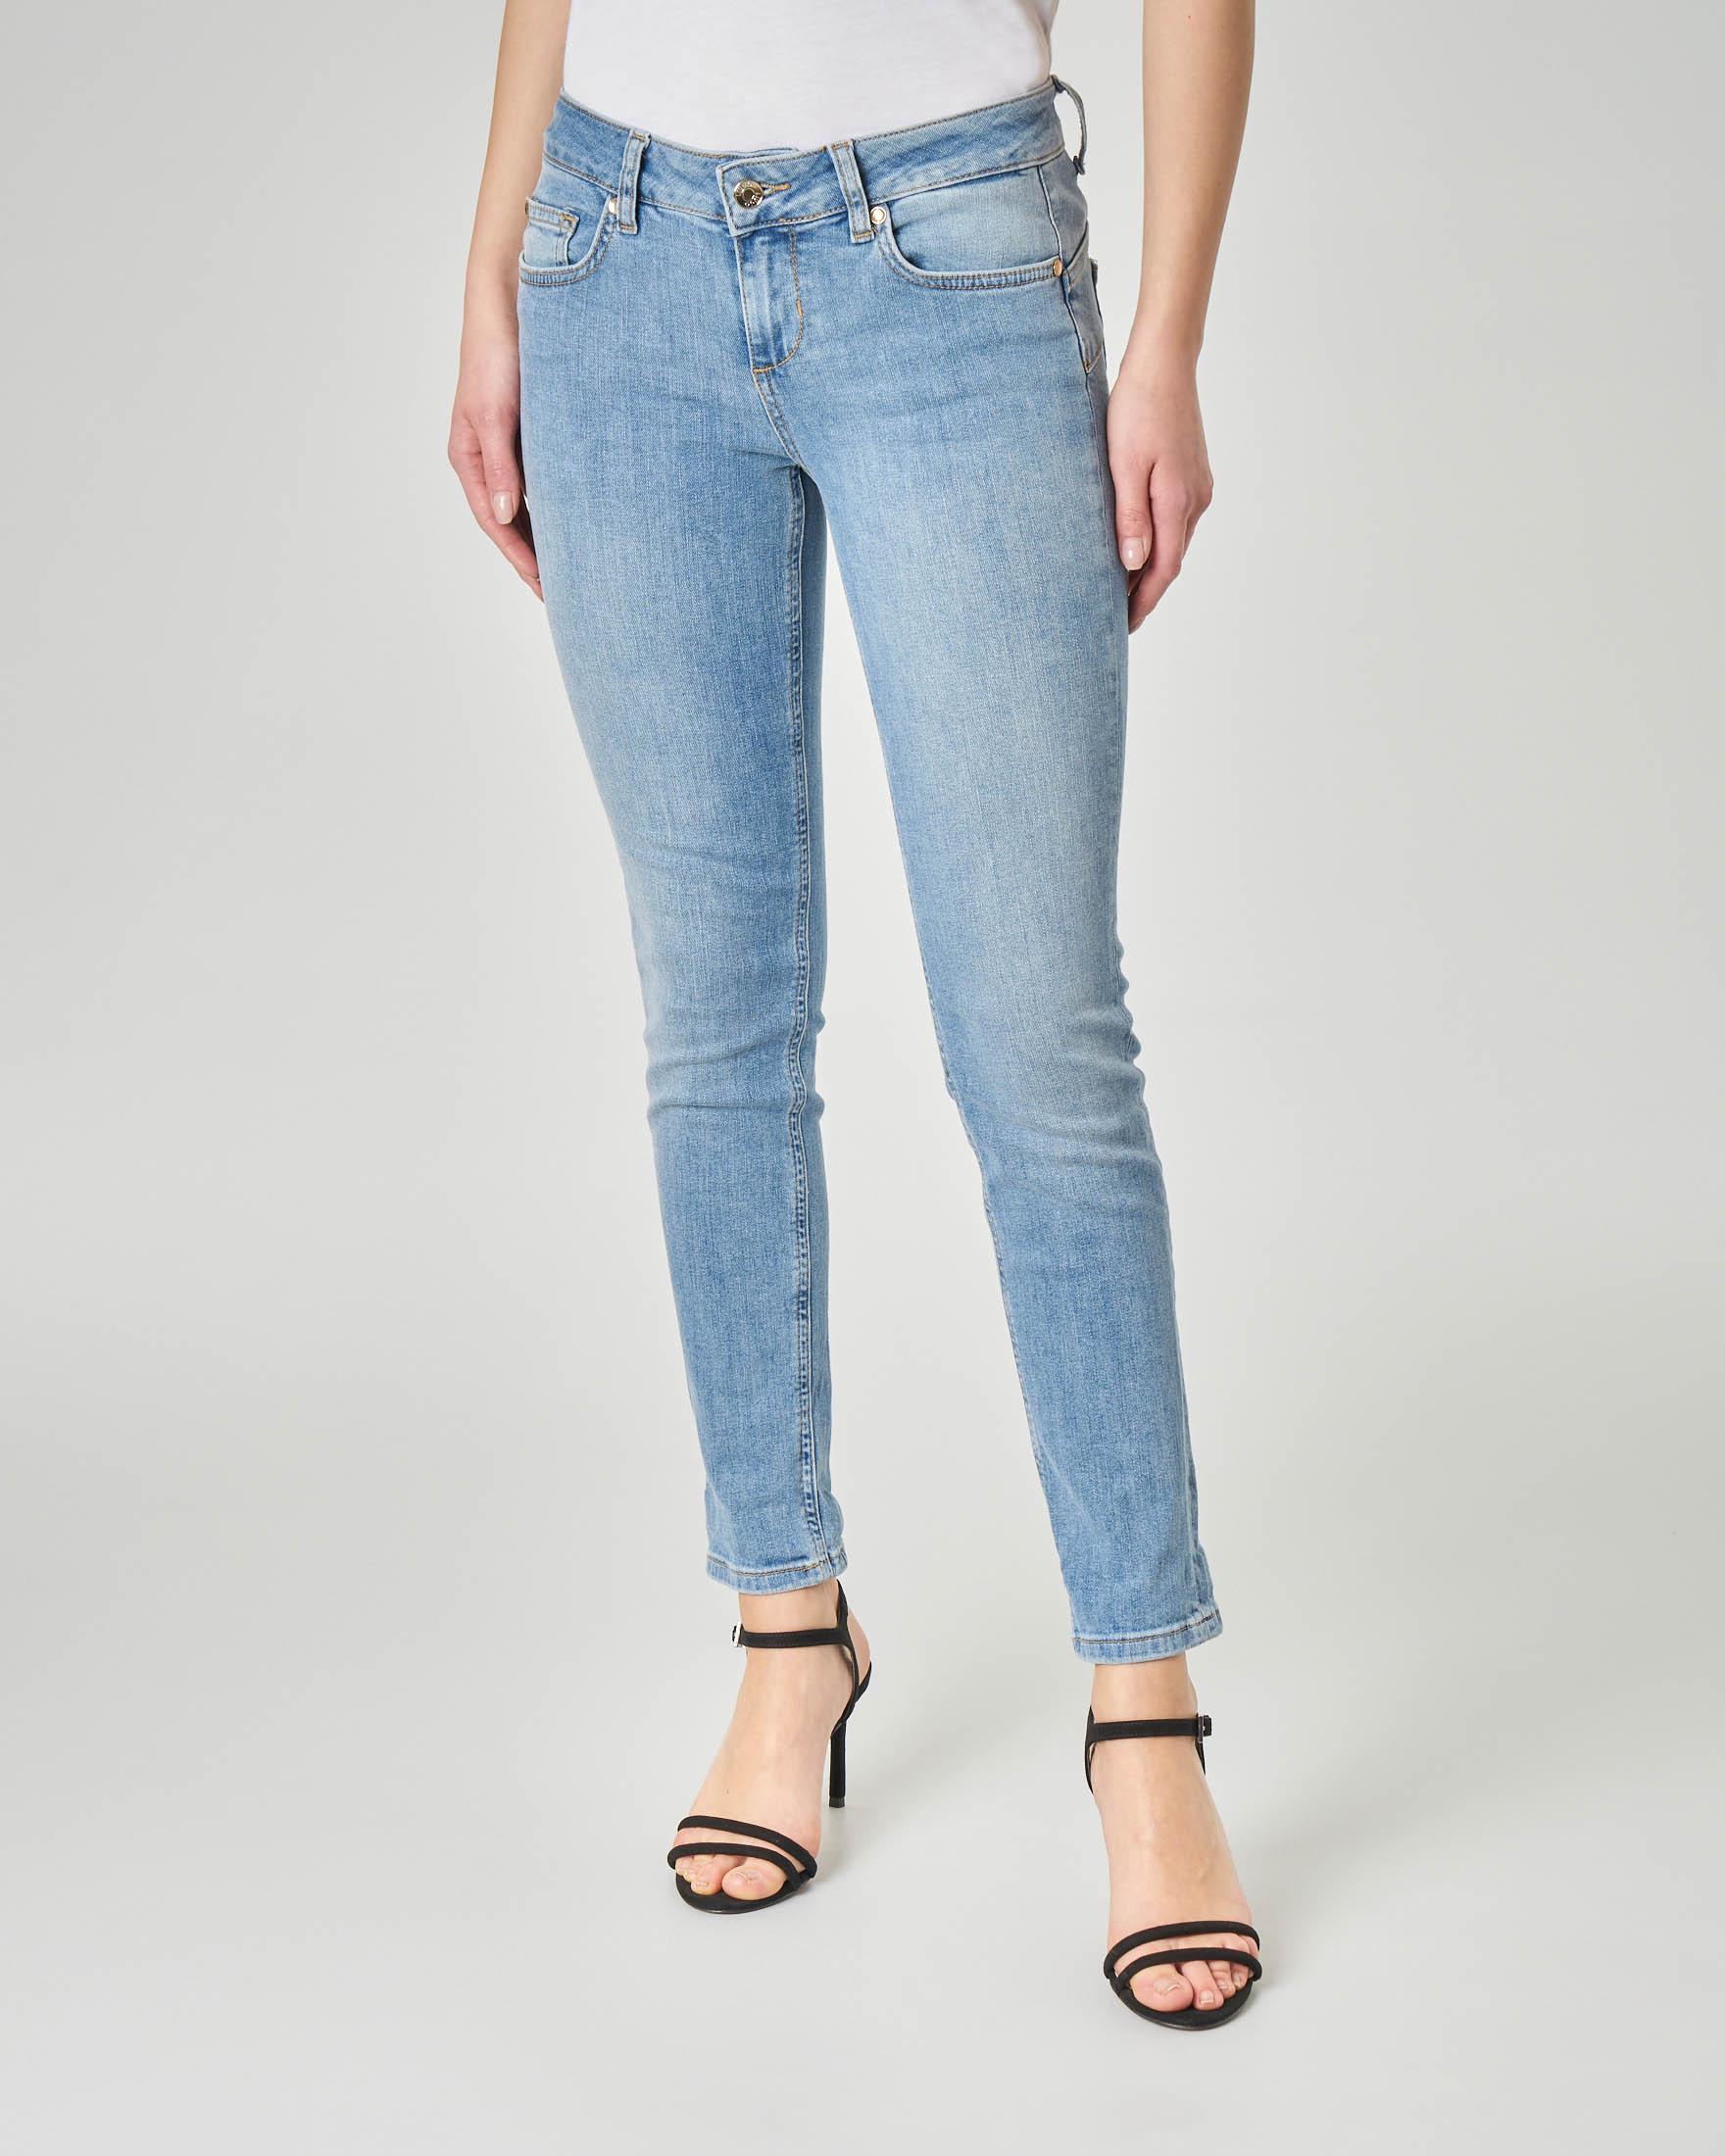 Jeans skinny in cotone elasticizzato blu délavé